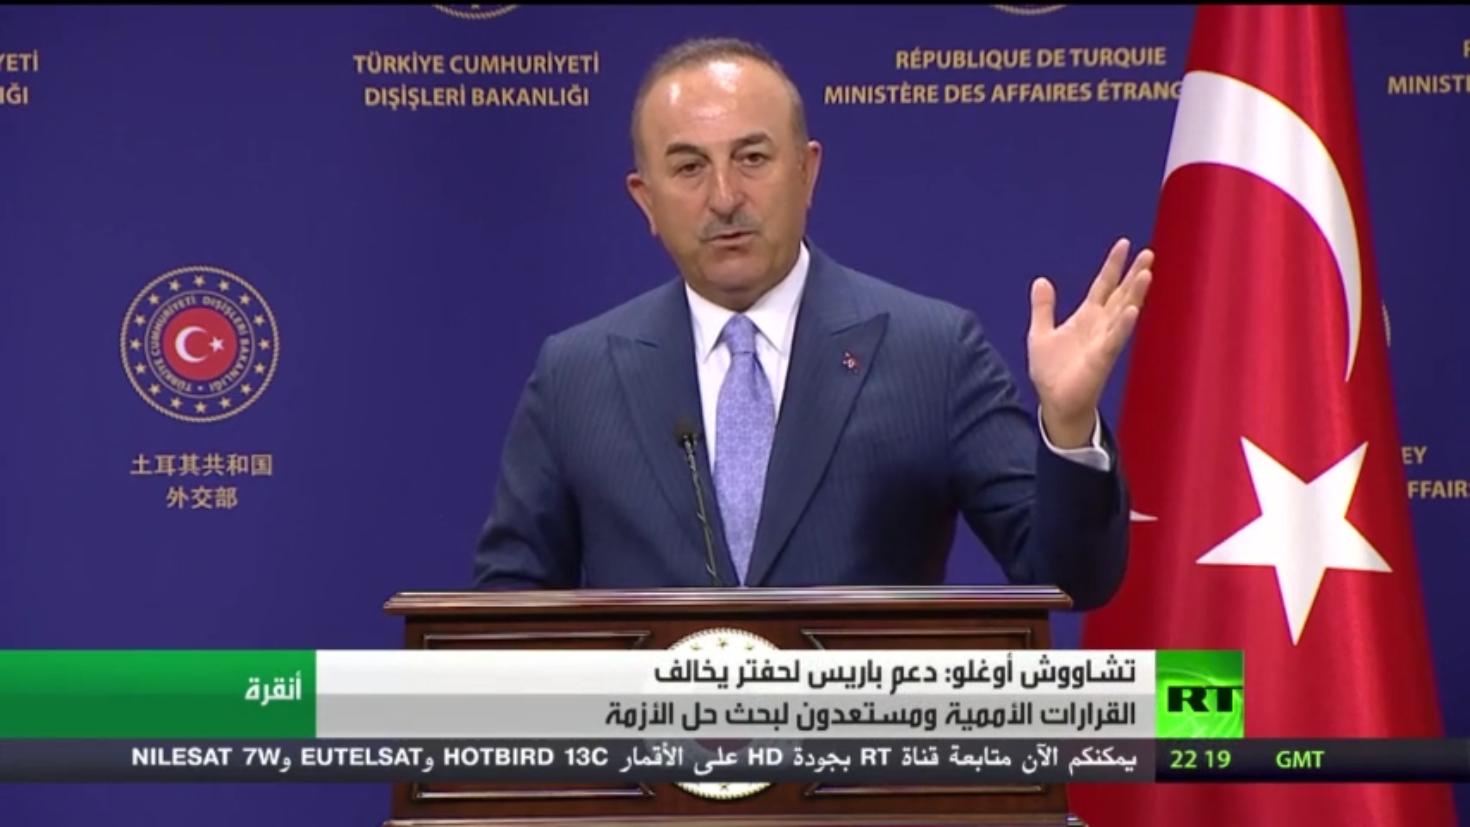 أنقرة: باريس تلعب دورا خطرا في ليبيا